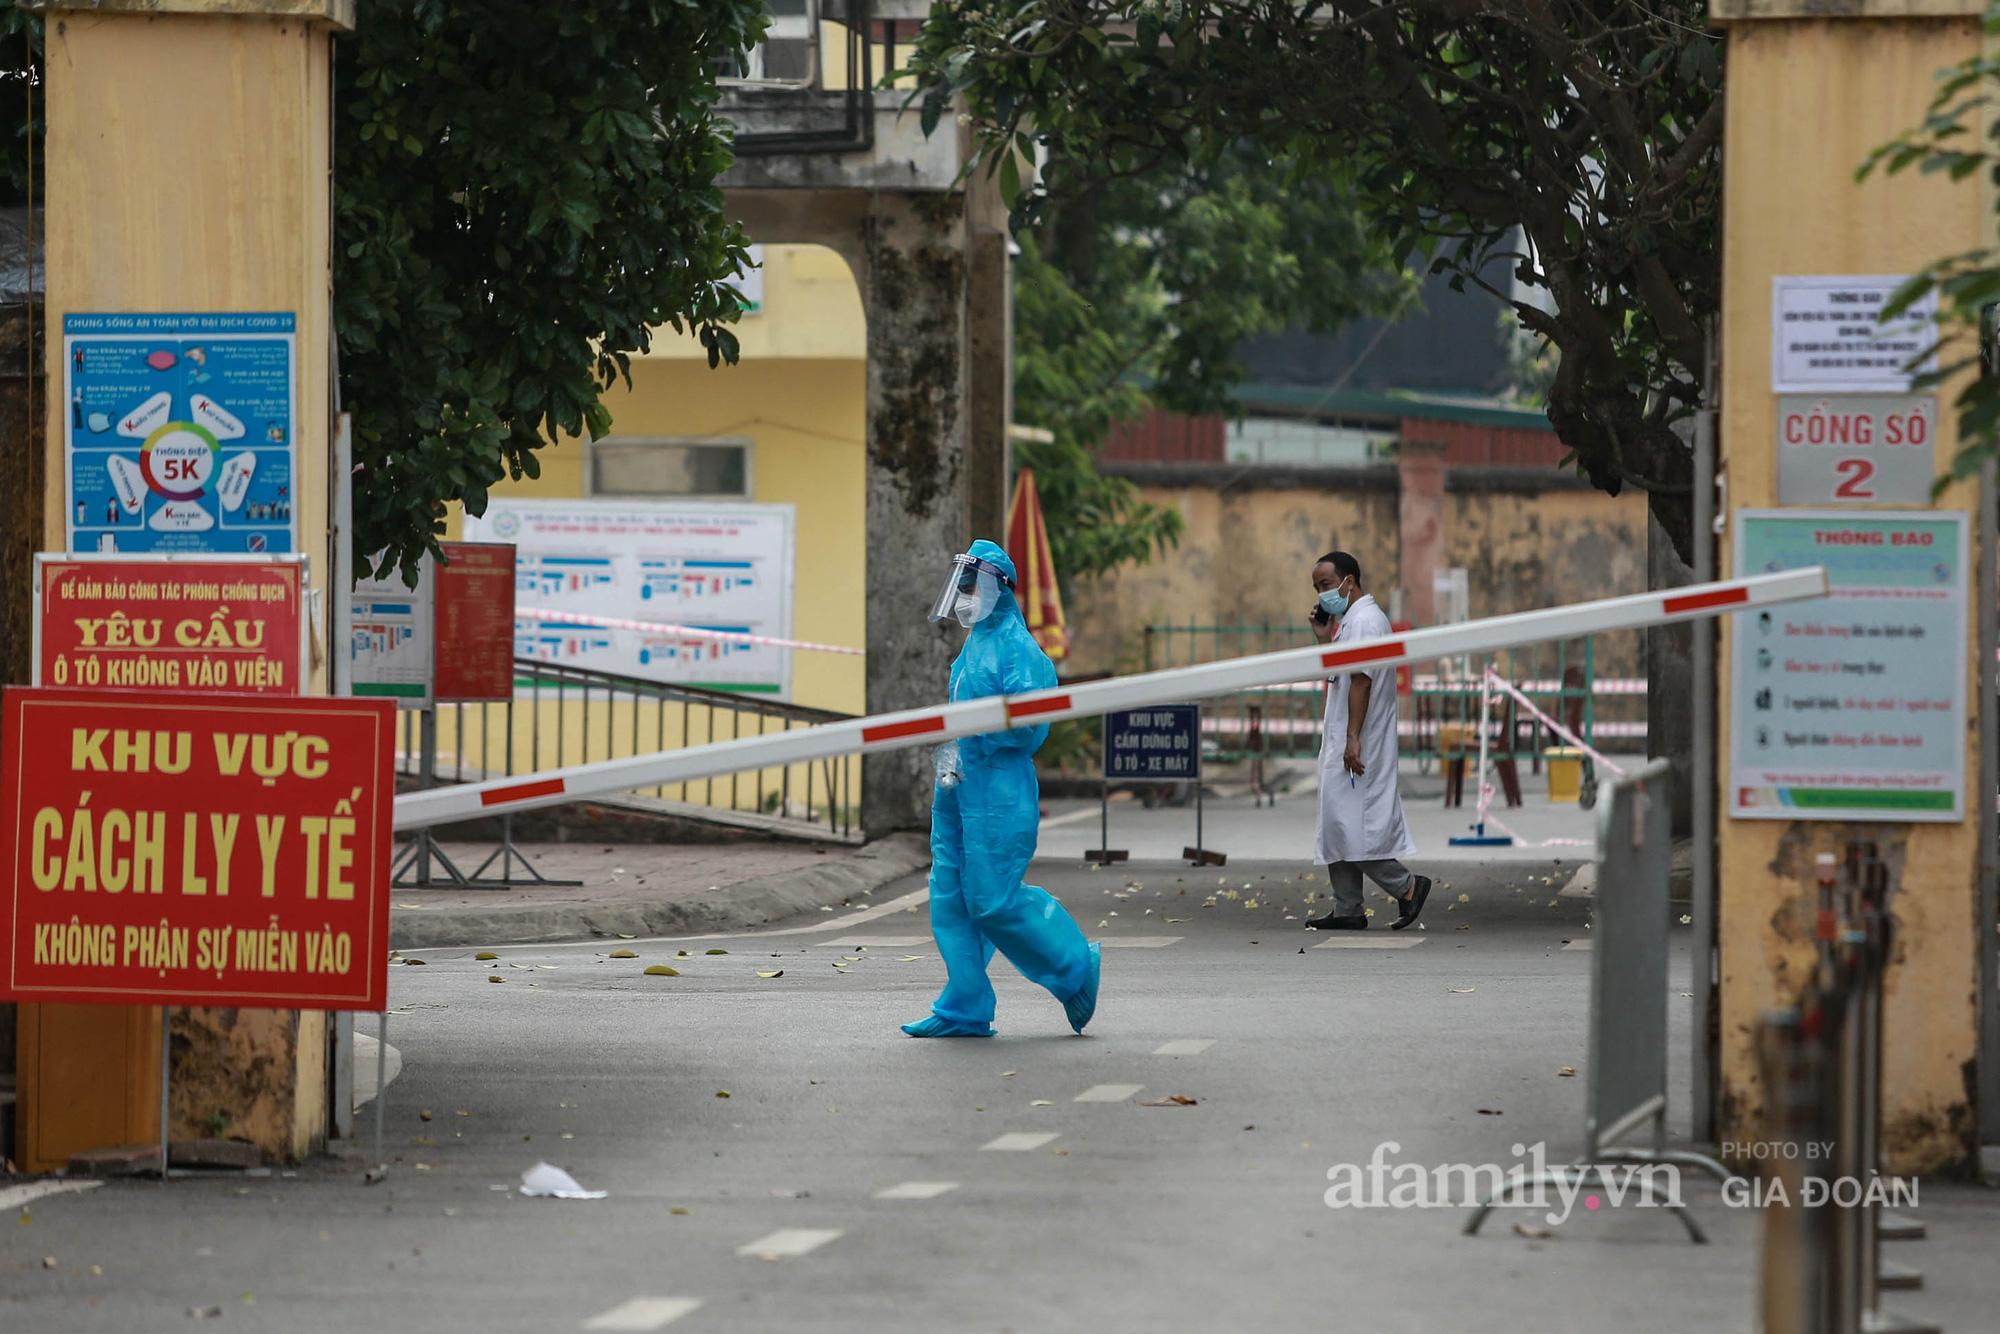 Bệnh viện Bắc Thăng Long tạm thời phong tỏa, dừng tiếp nhận bệnh nhân vì có liên quan đến người phụ nữ bán rau dương tính SARS-CoV-2 trong cộng đồng - Ảnh 7.